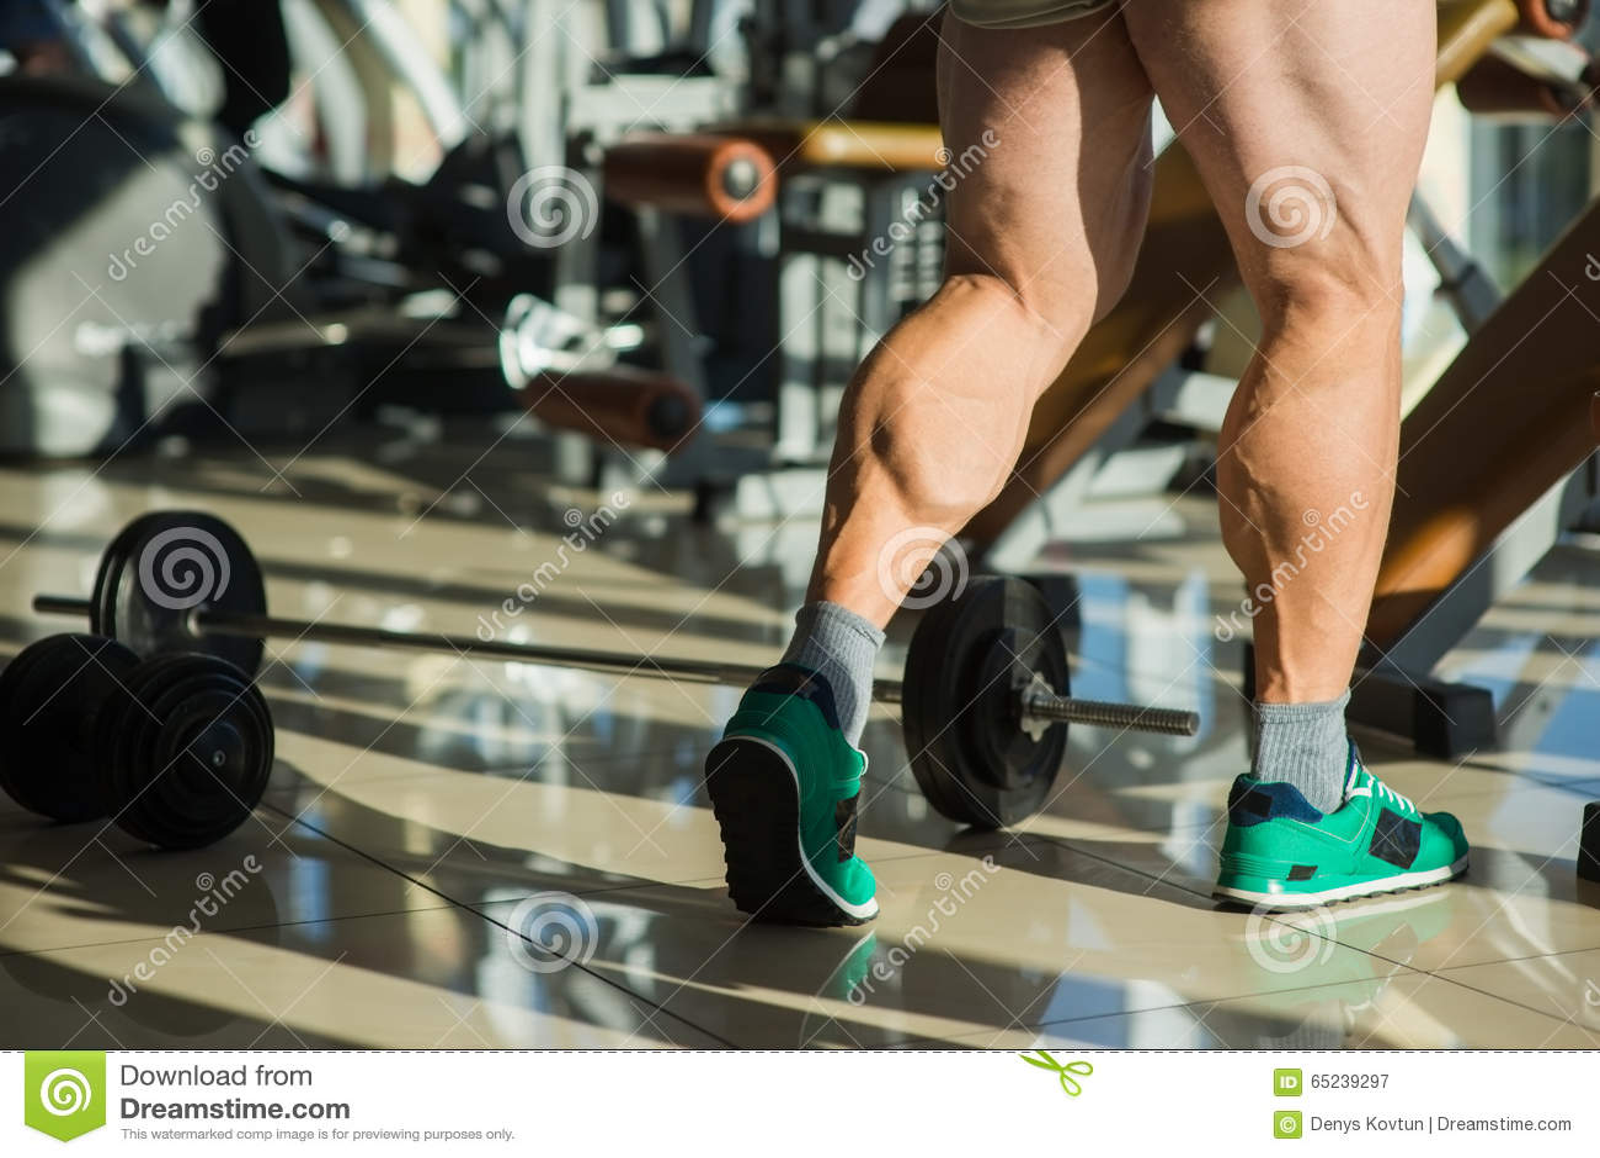 Strong man s legs.